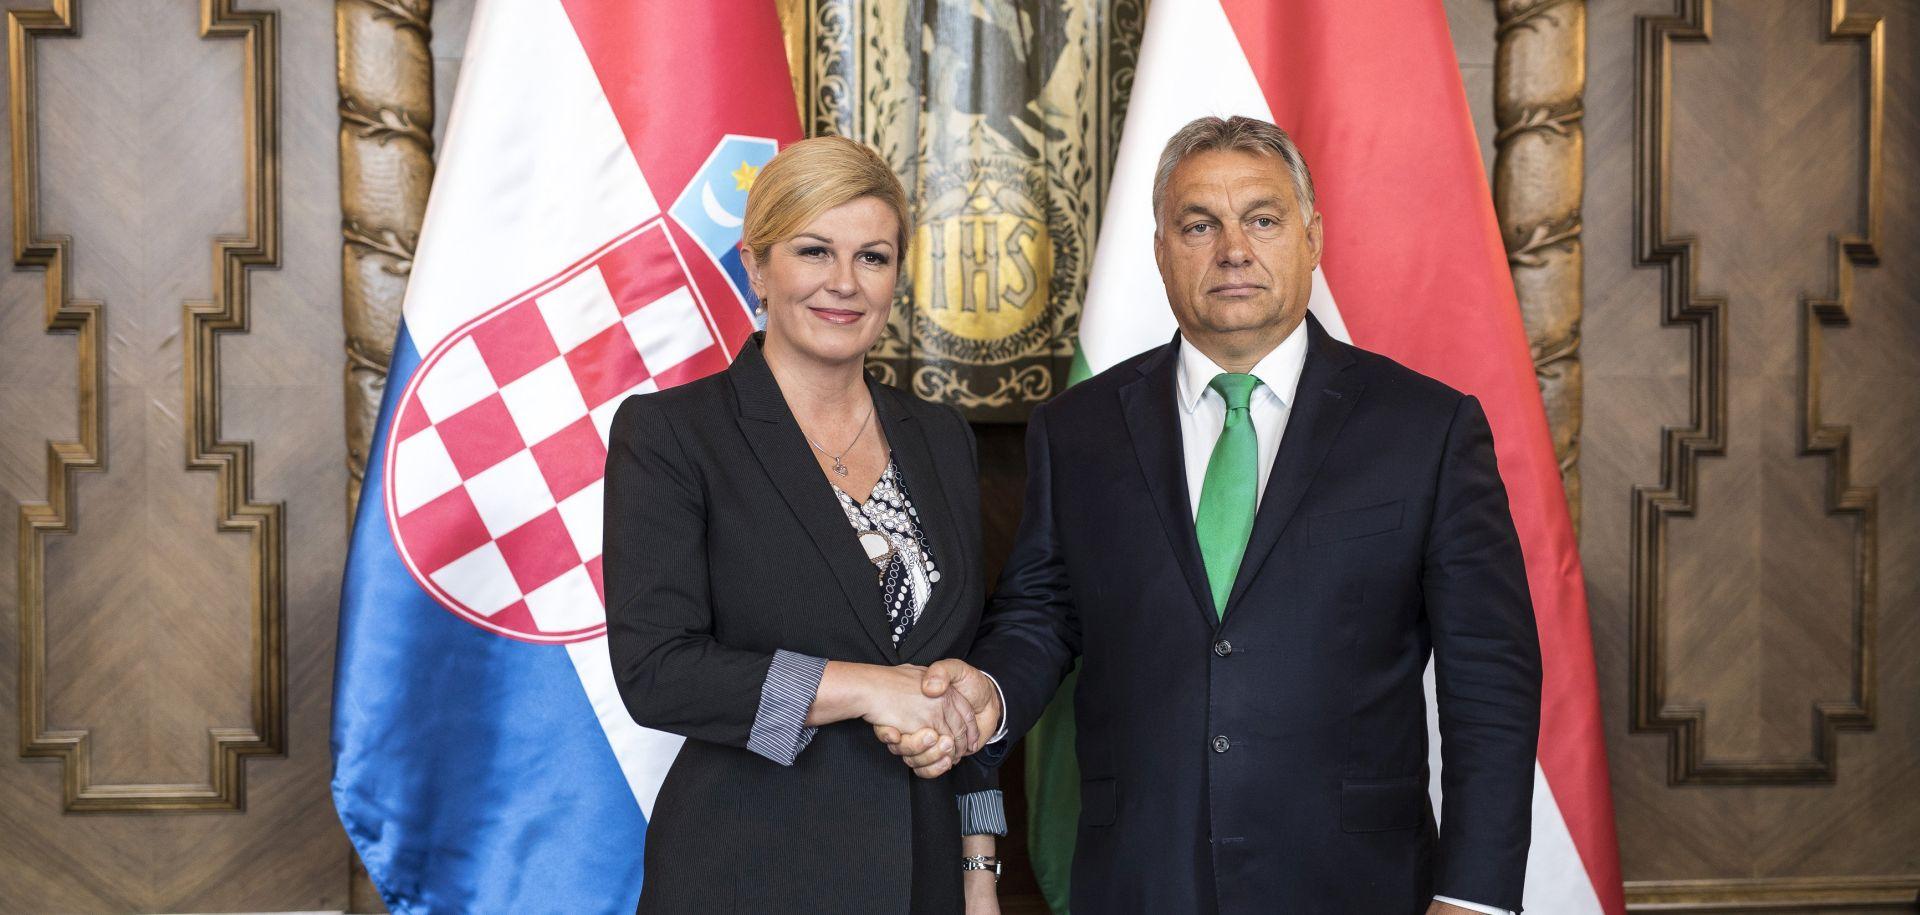 Vrlo visok odziv na mađarskim parlamentarnim izborima